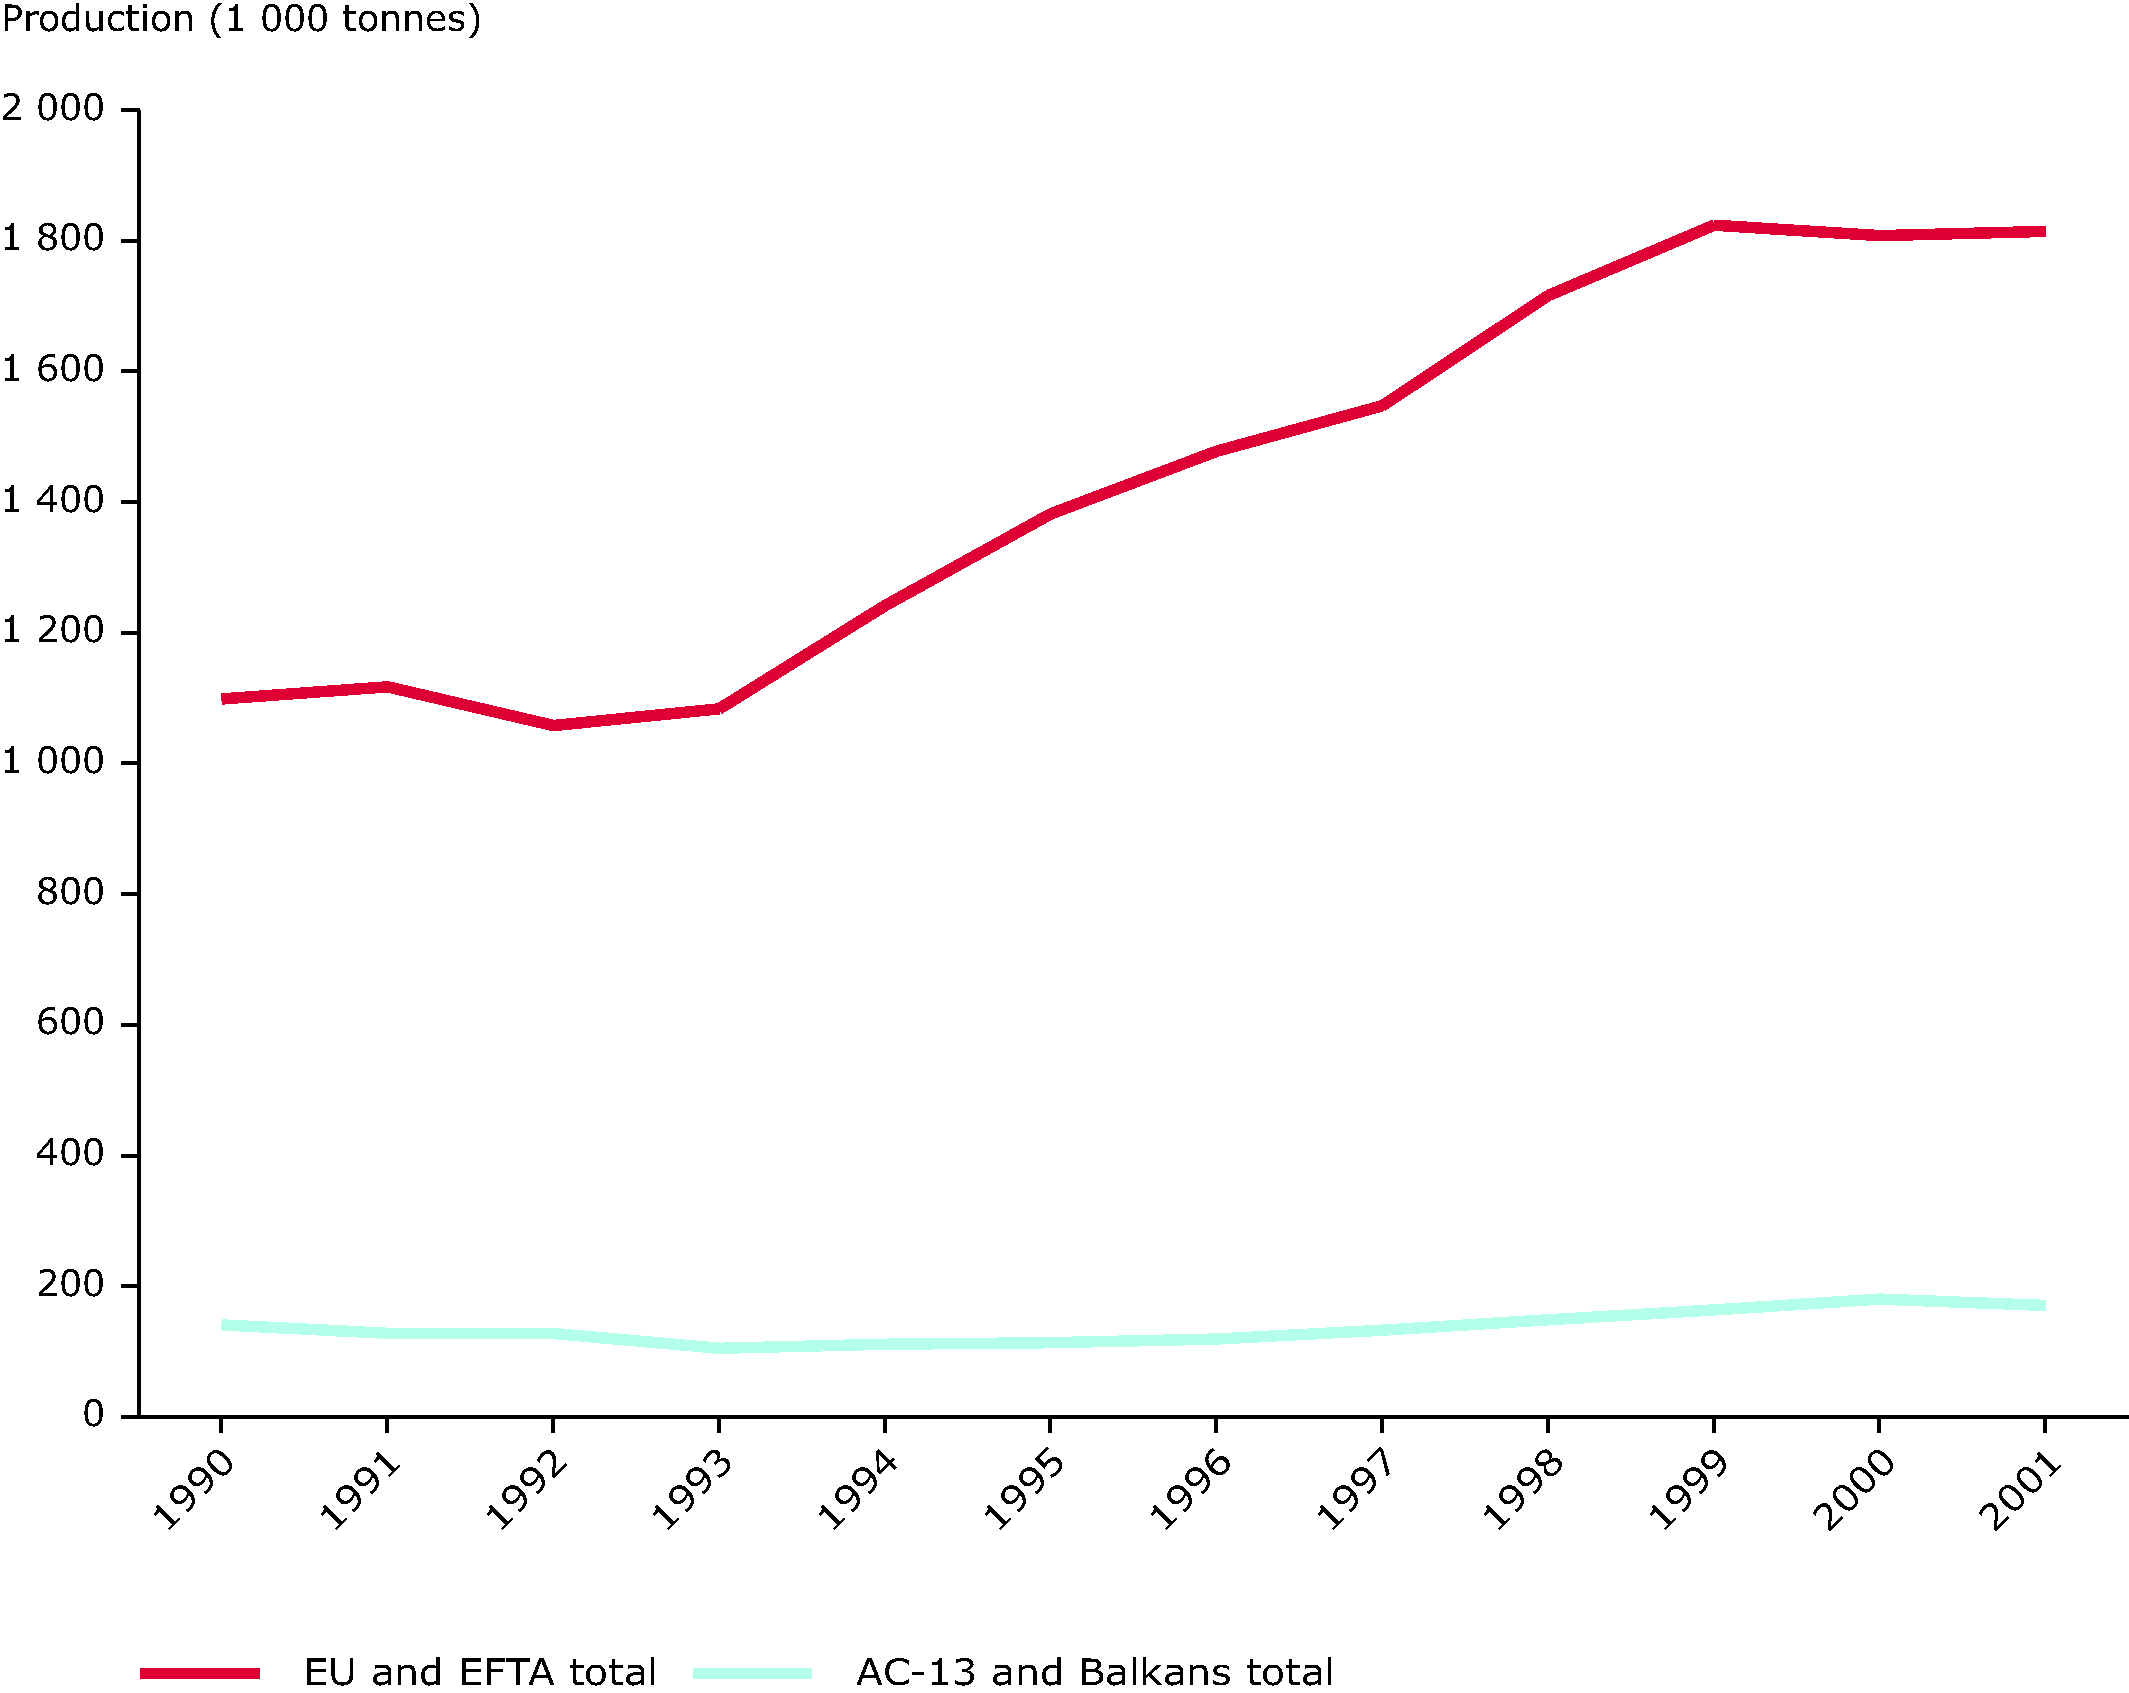 Annual aquaculture production by major area (EU-15 + EFTA and EU-10 + AC + Balkans), 1990-2001